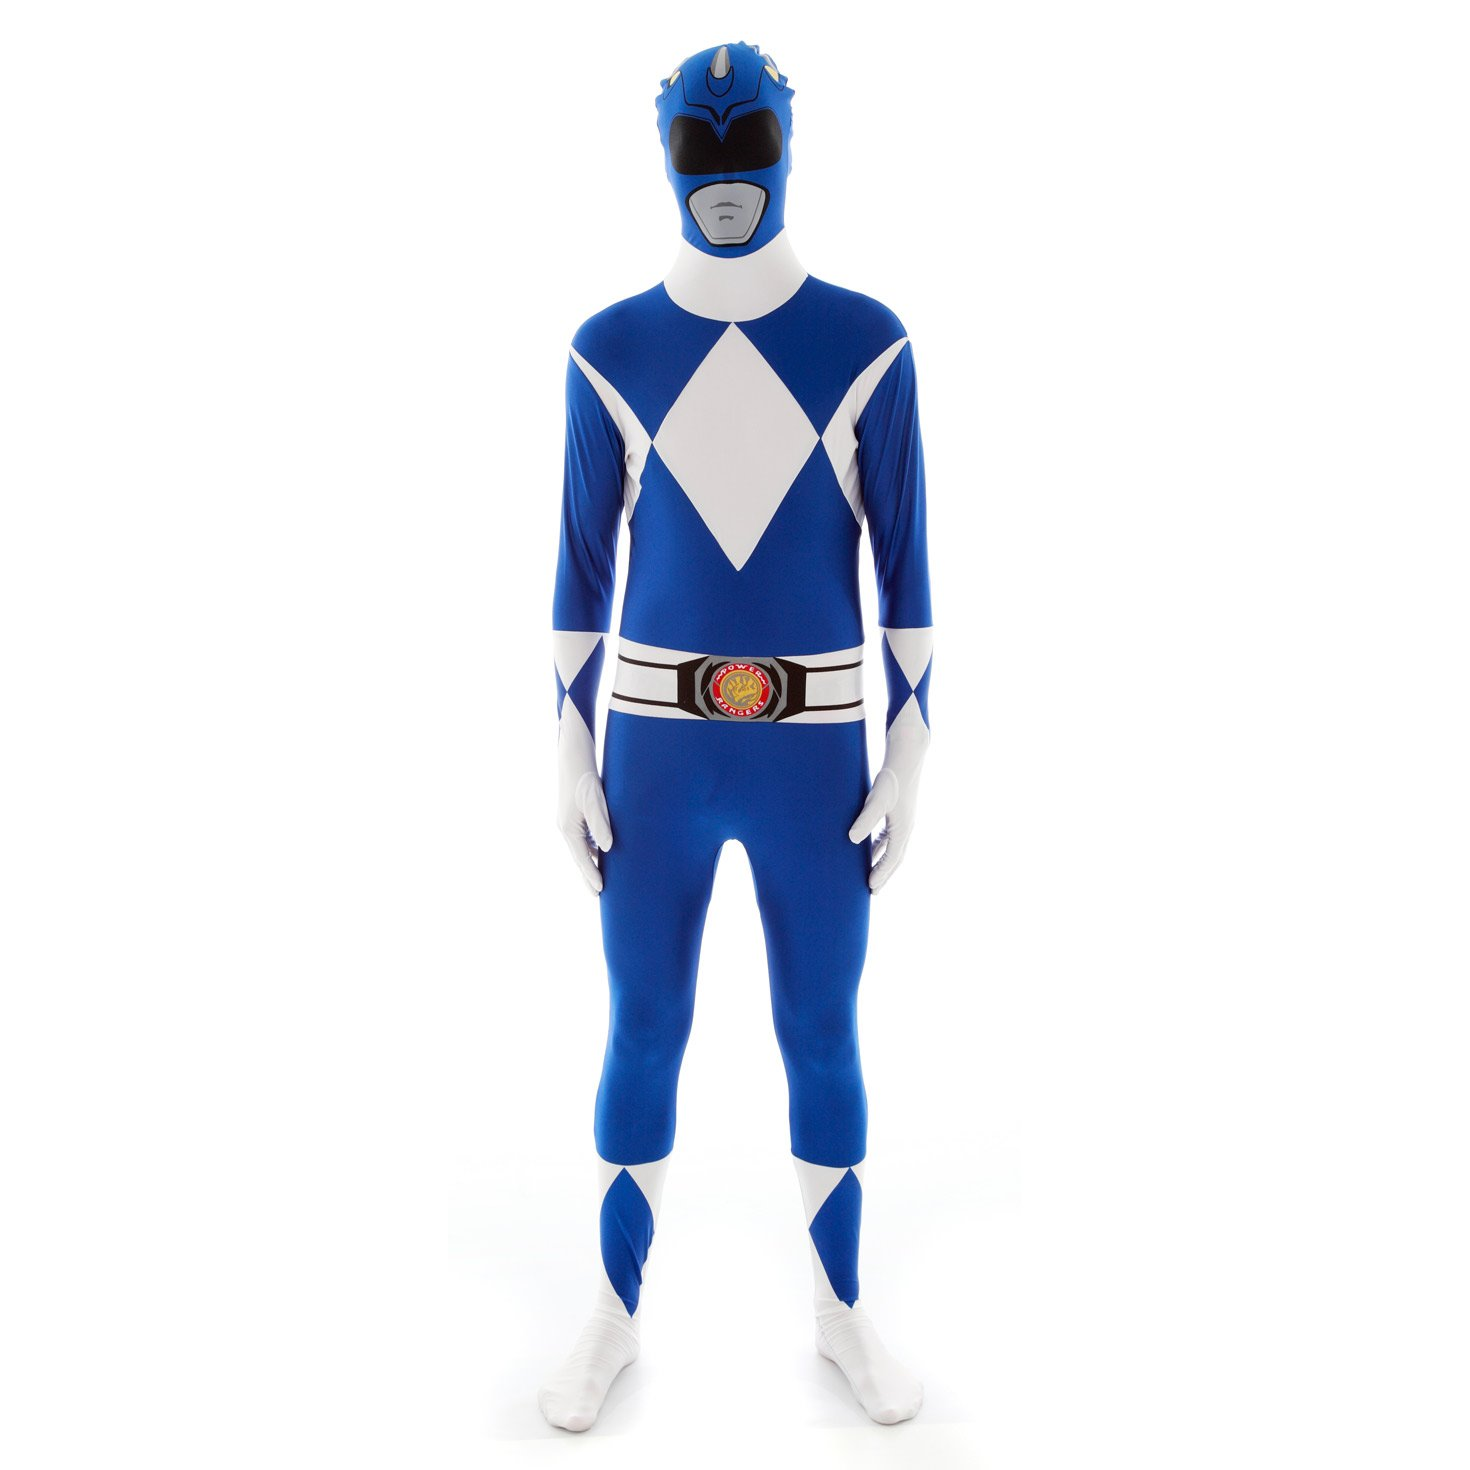 Official Power Ranger Morphsuit Costume,Black,X-Small 4-46 122cm - 137cm